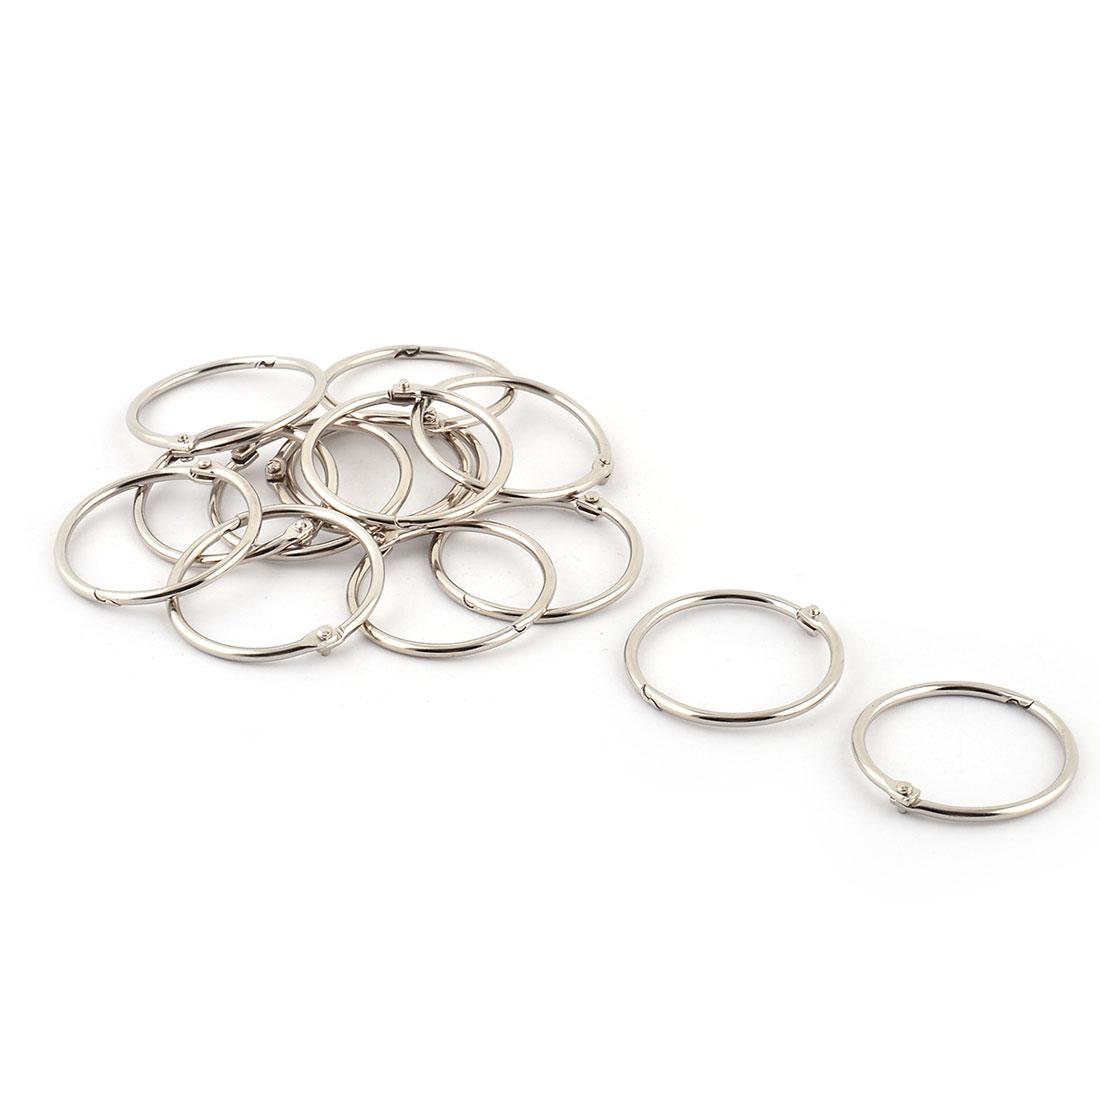 Metal Keyring Scrapbook Memo Loose Leaf Ring Silver Tone 38mm Inner Dia 14 Pcs